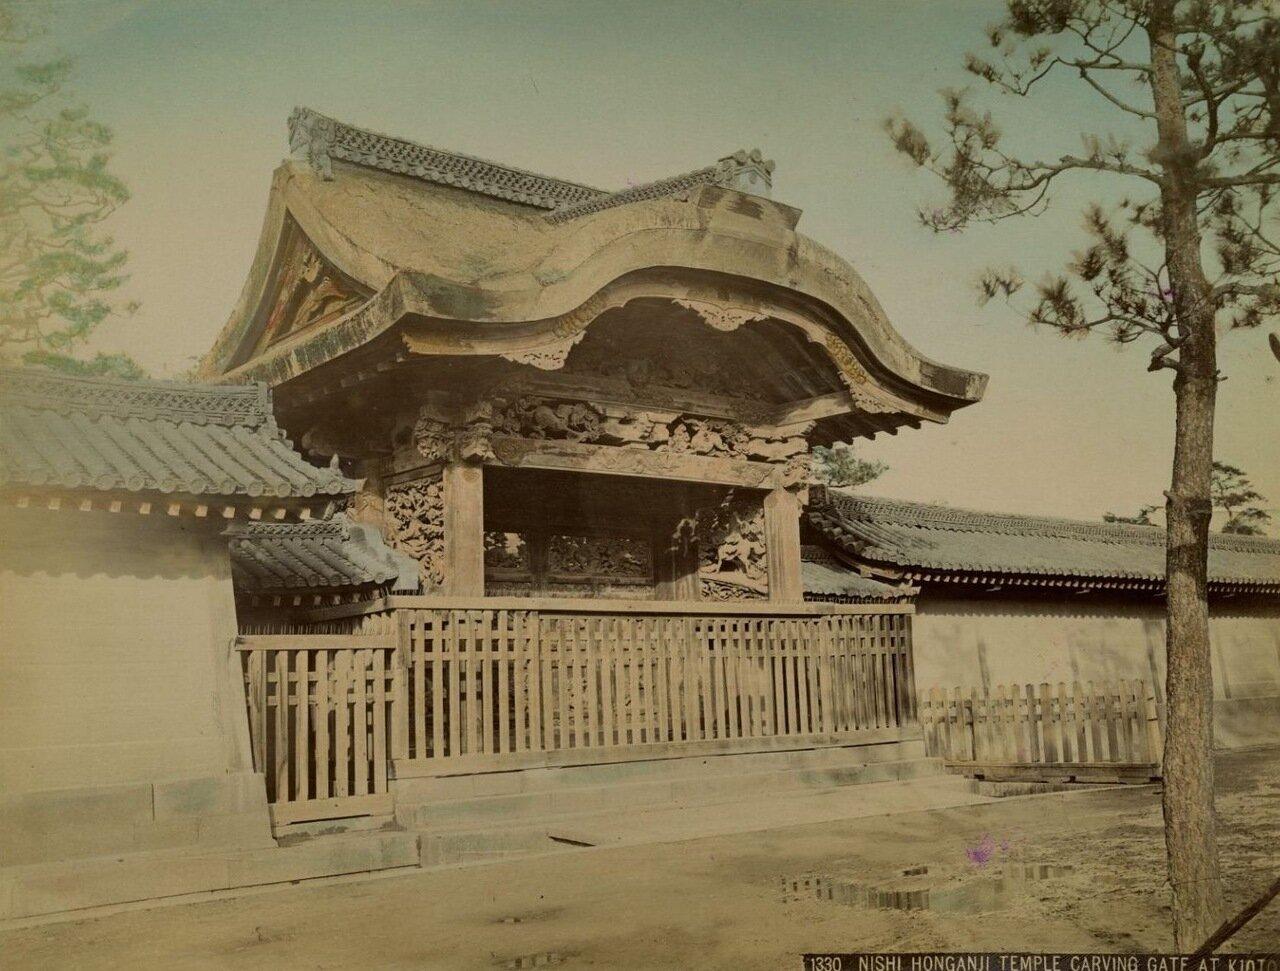 Киото. Ворота храма Ниси Хонгадзи